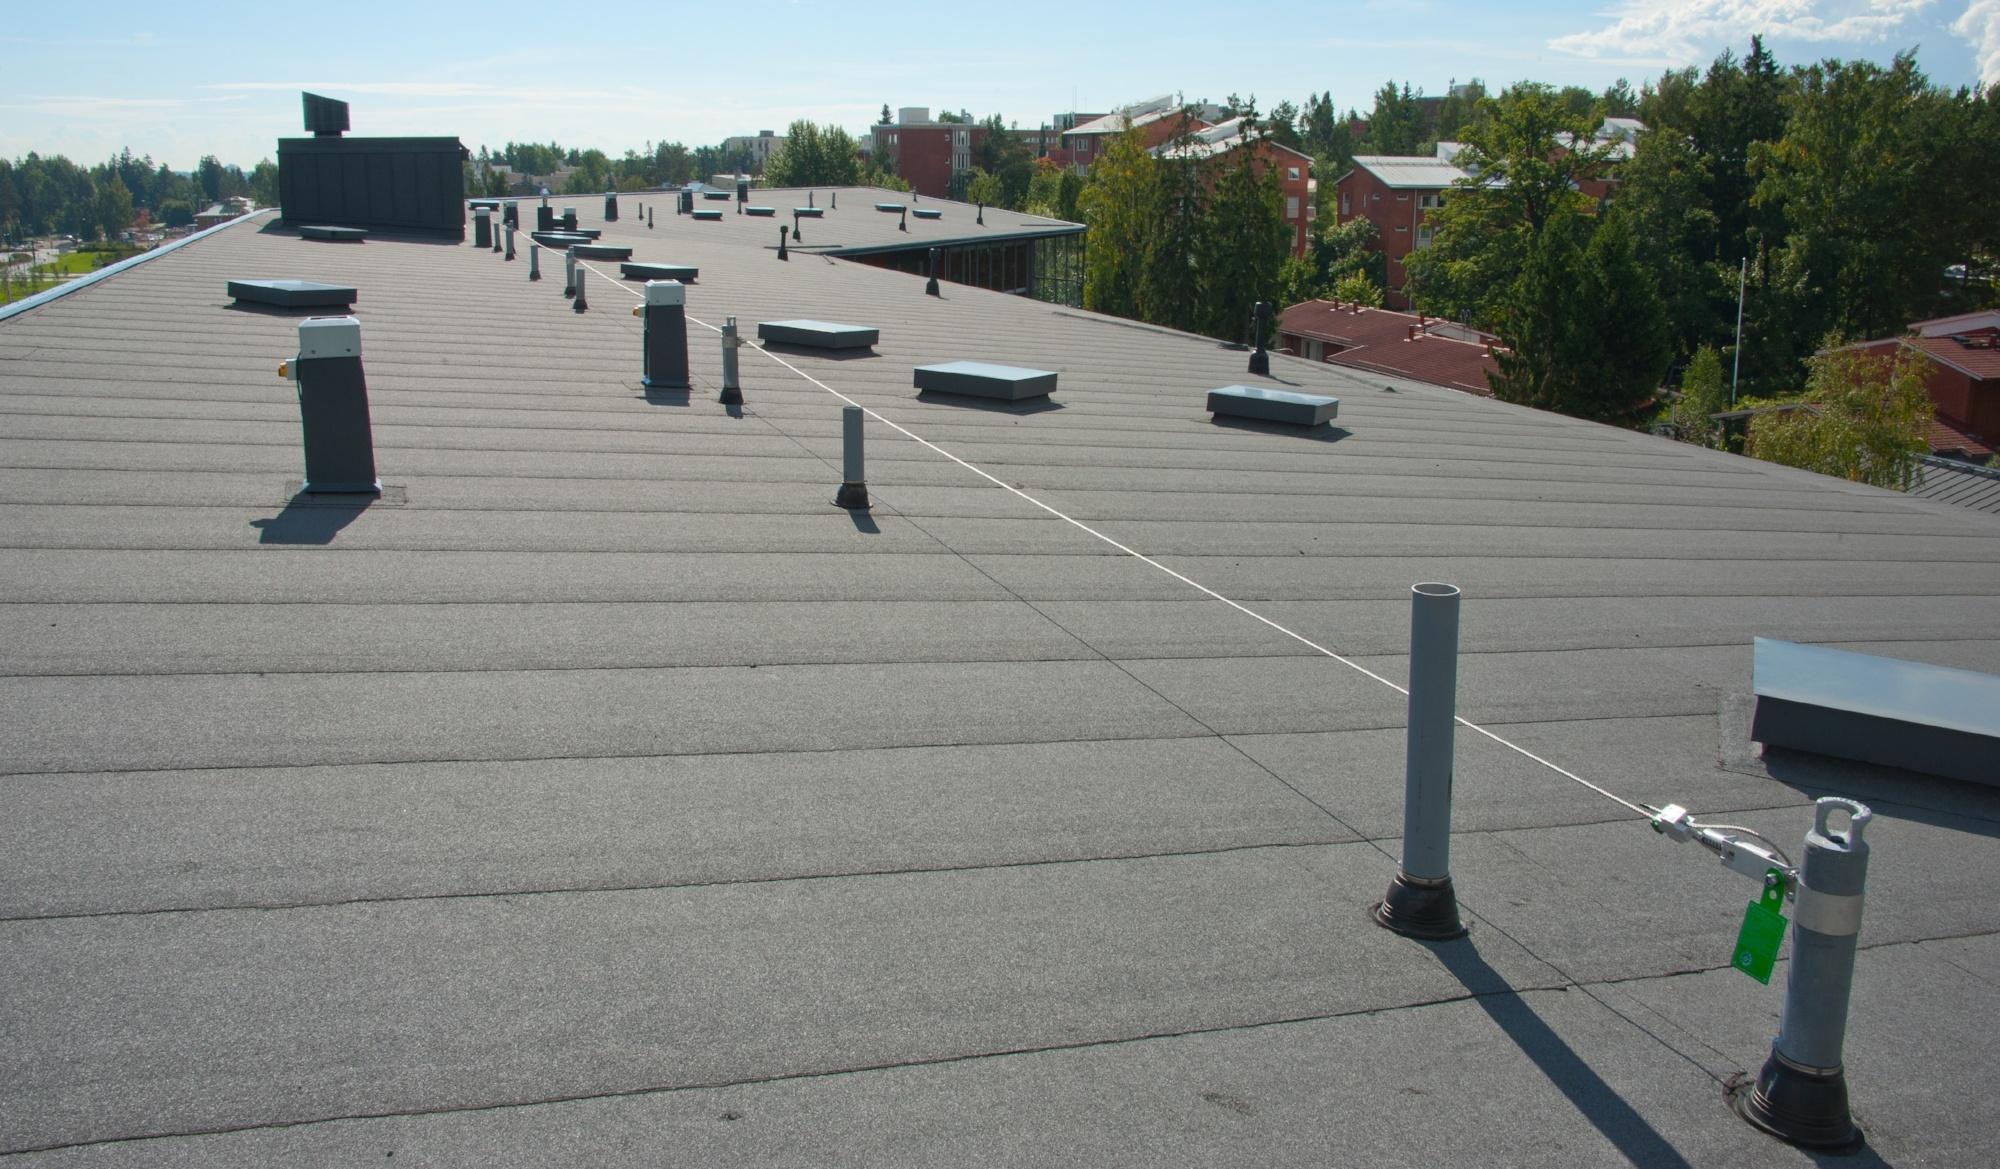 Pito kattoturvatuotteet - Peltitarvike